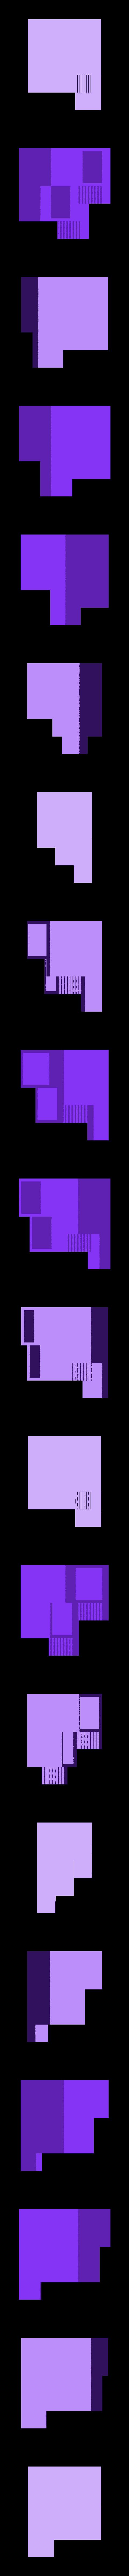 Flat.stl Download free STL file Flower_pot • 3D printing object, 02_mm